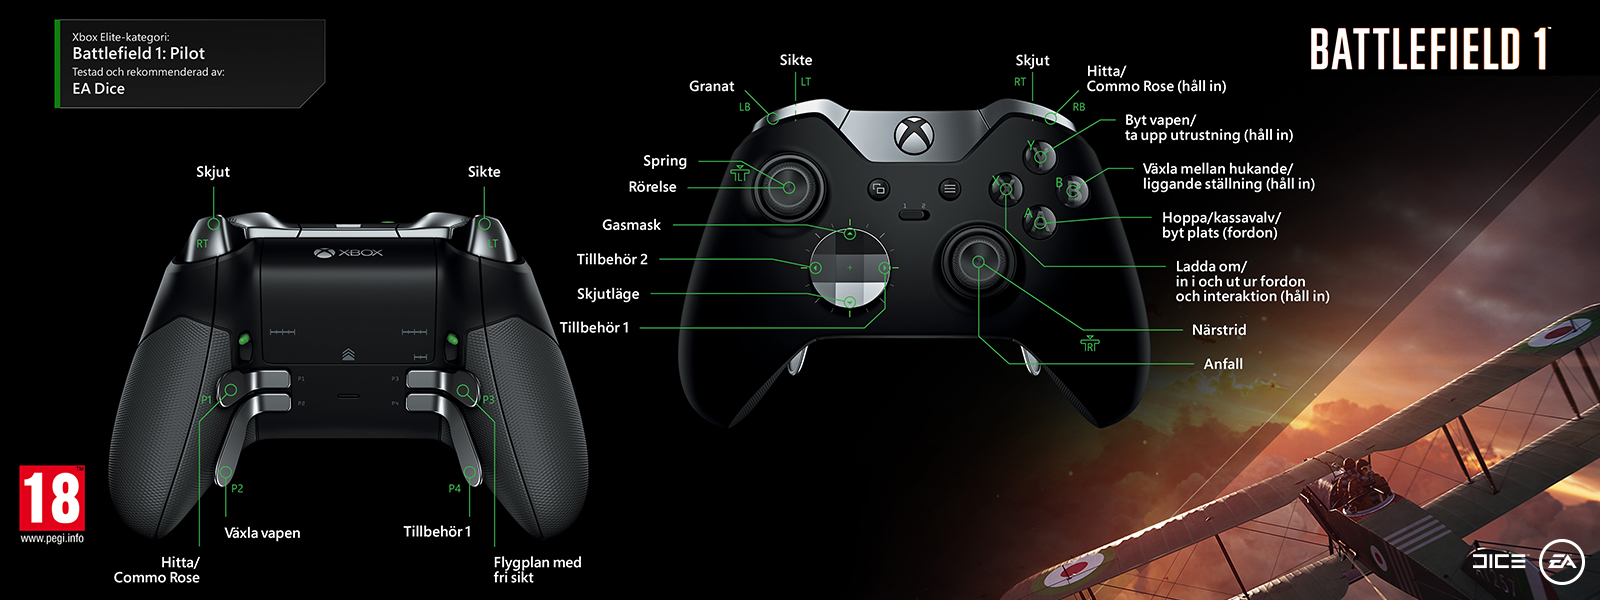 Battlefield 1 – Elite-mappning för pilot